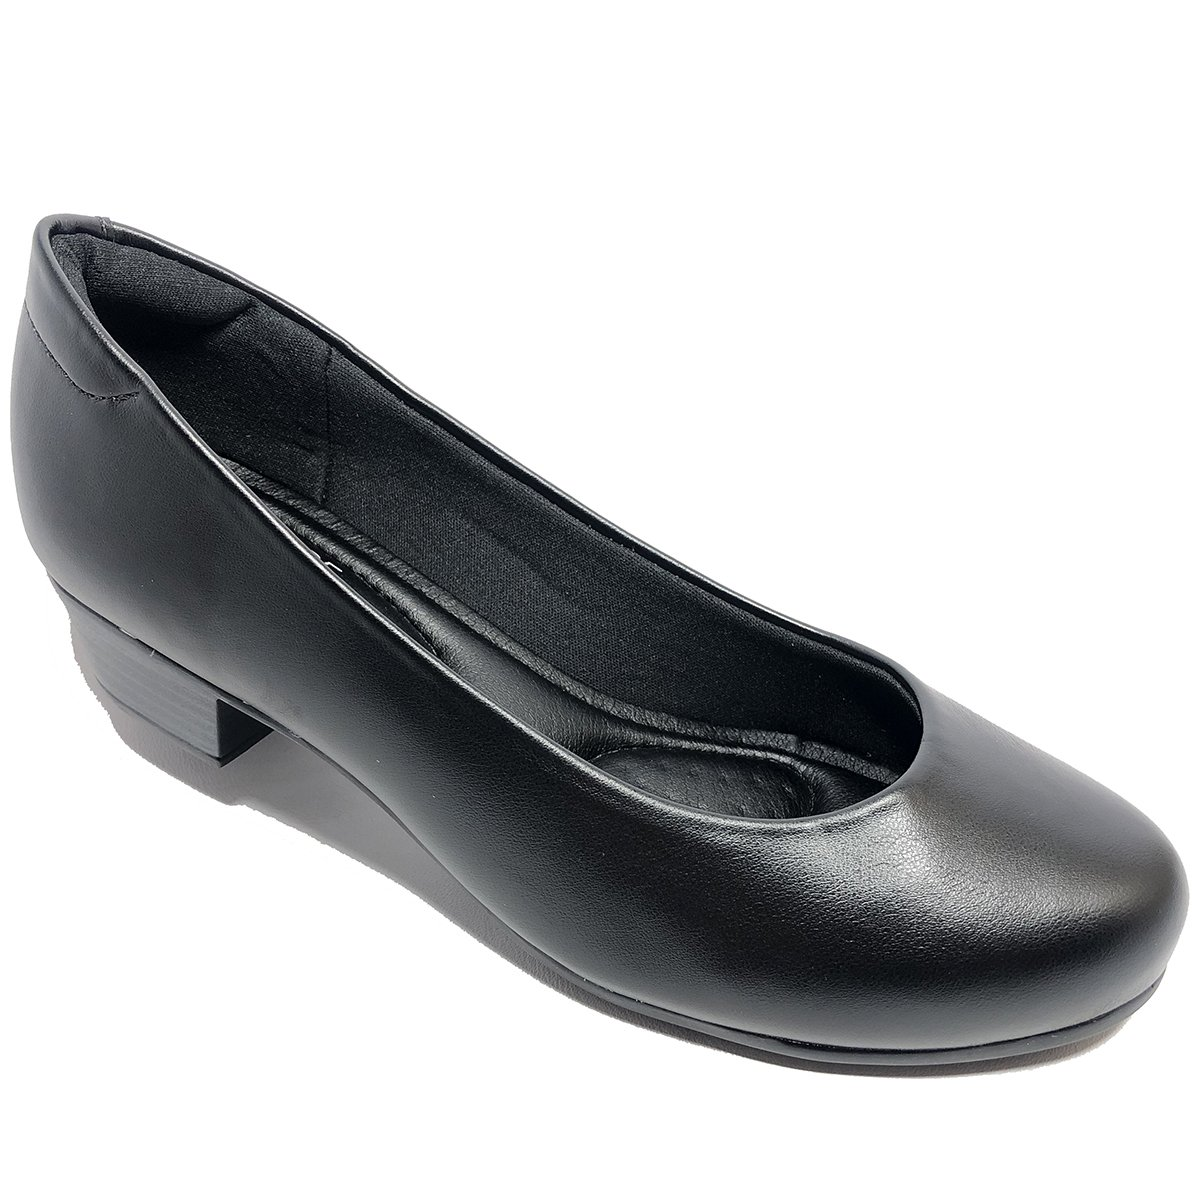 8f3679e7d Sapato Modare Ultra Conforto Napa Salto Baixo Preto - Compre Agora ...